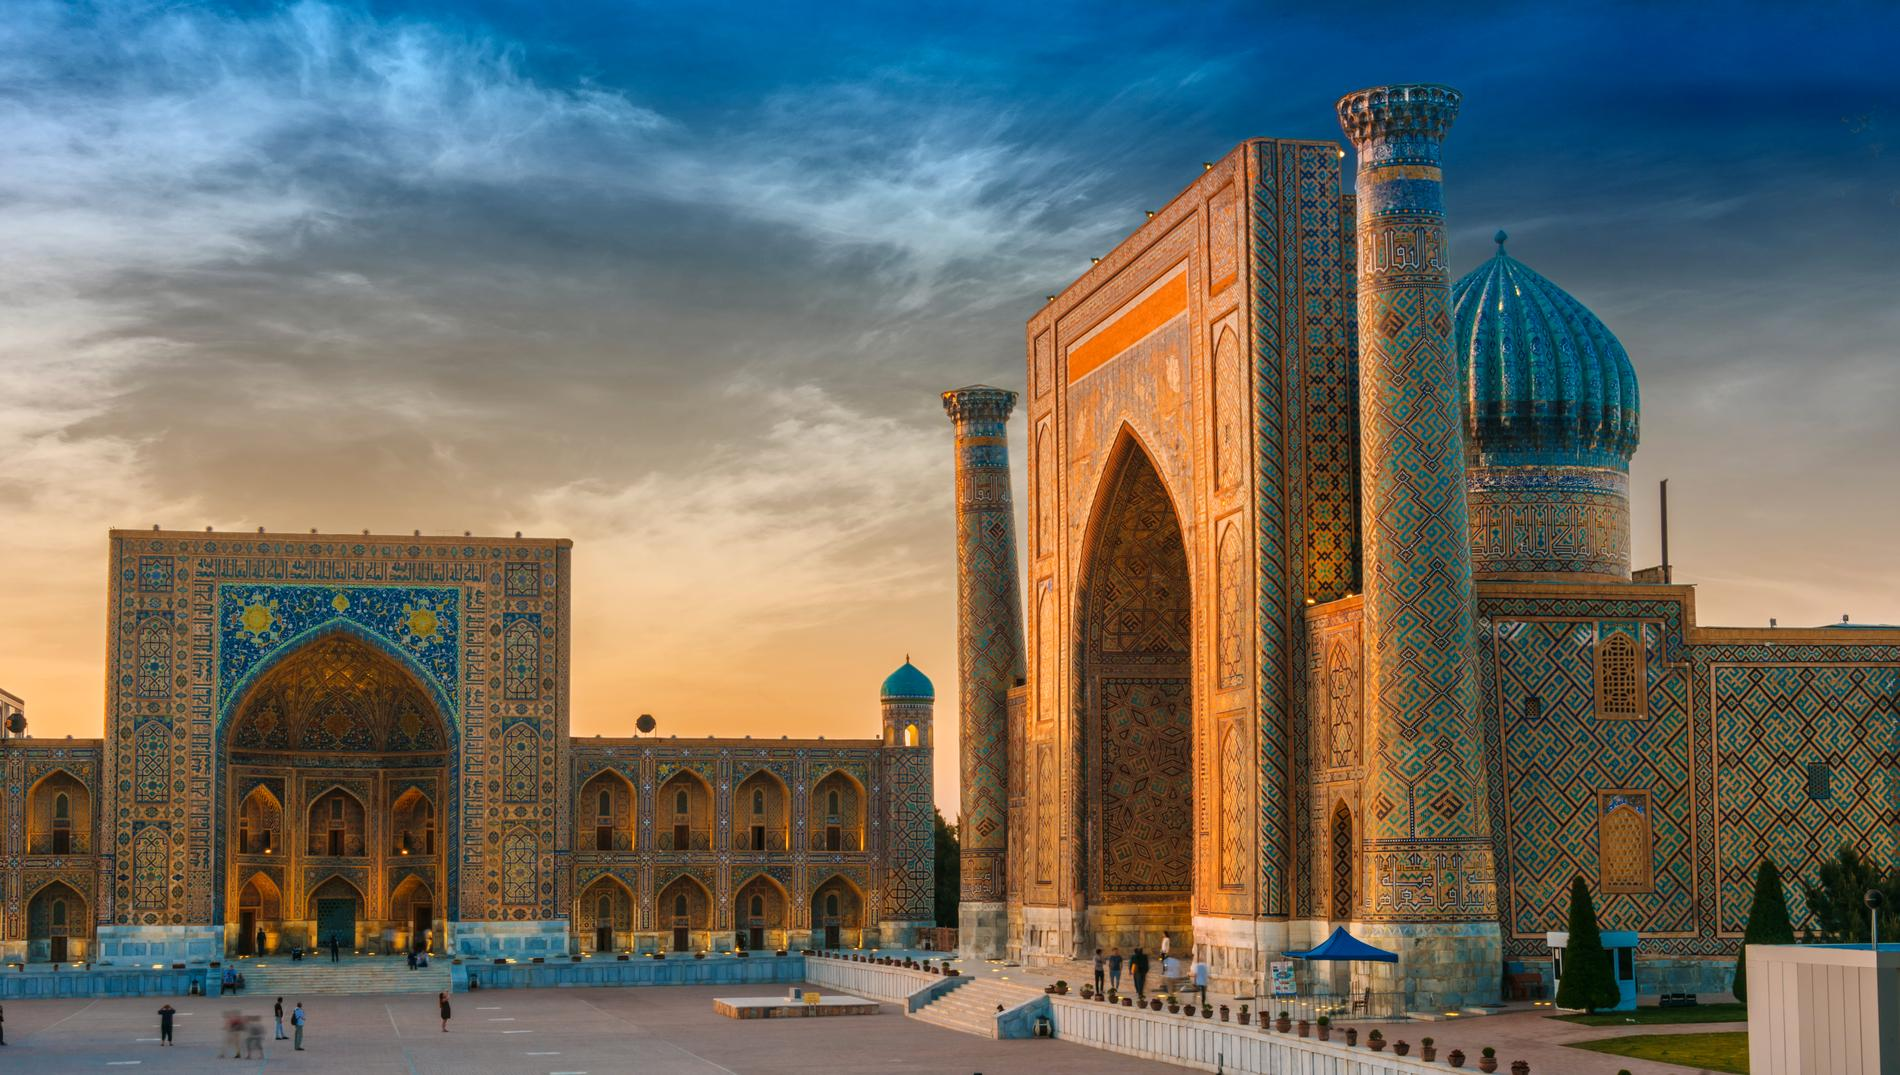 Registan är ett världsarv värt att besöka i Samarkand.